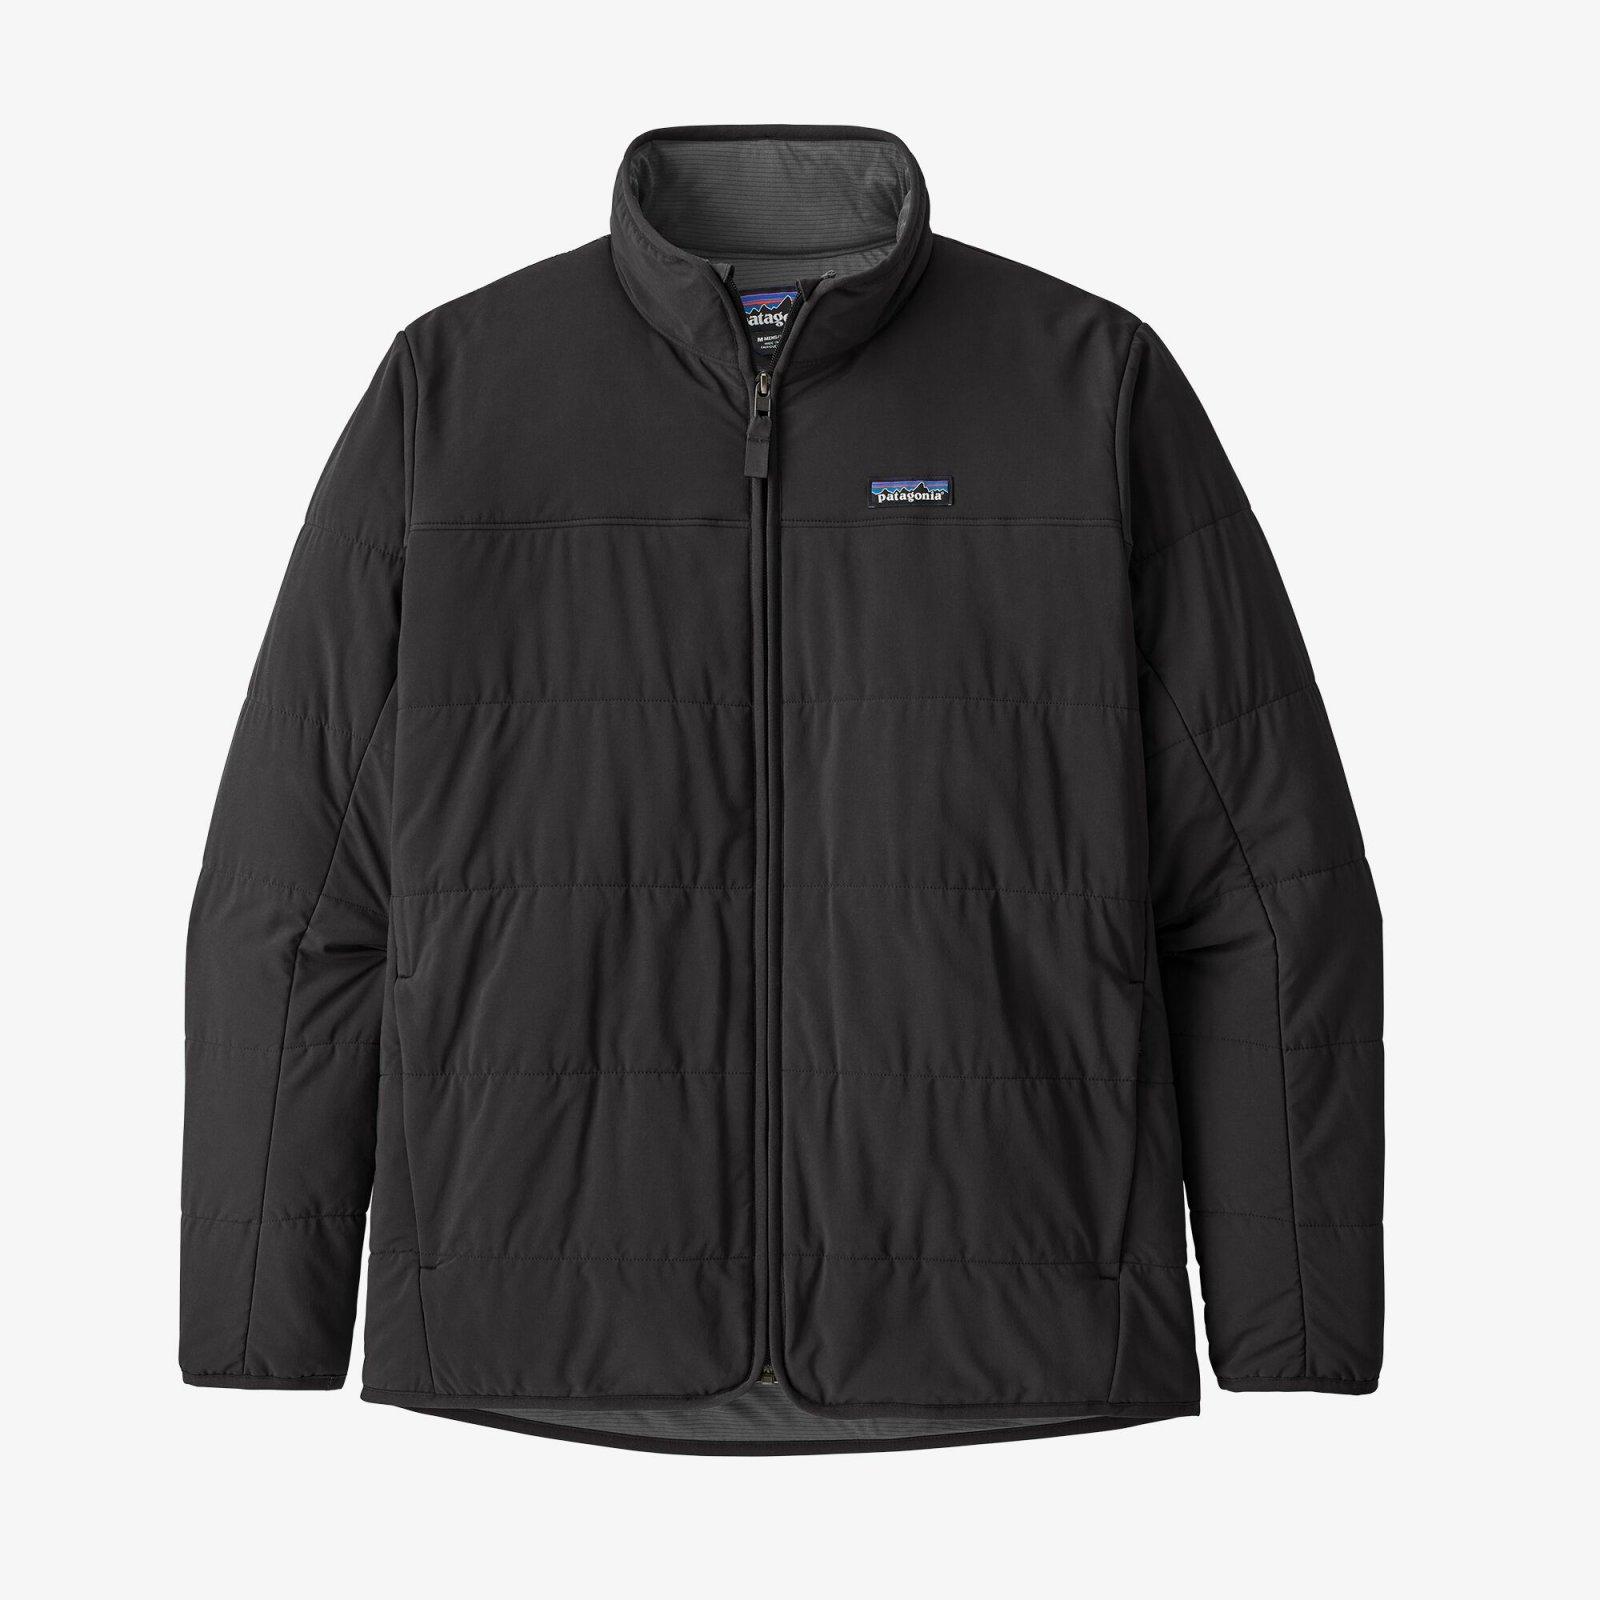 M's Patagonia Pack In Jacket in Black